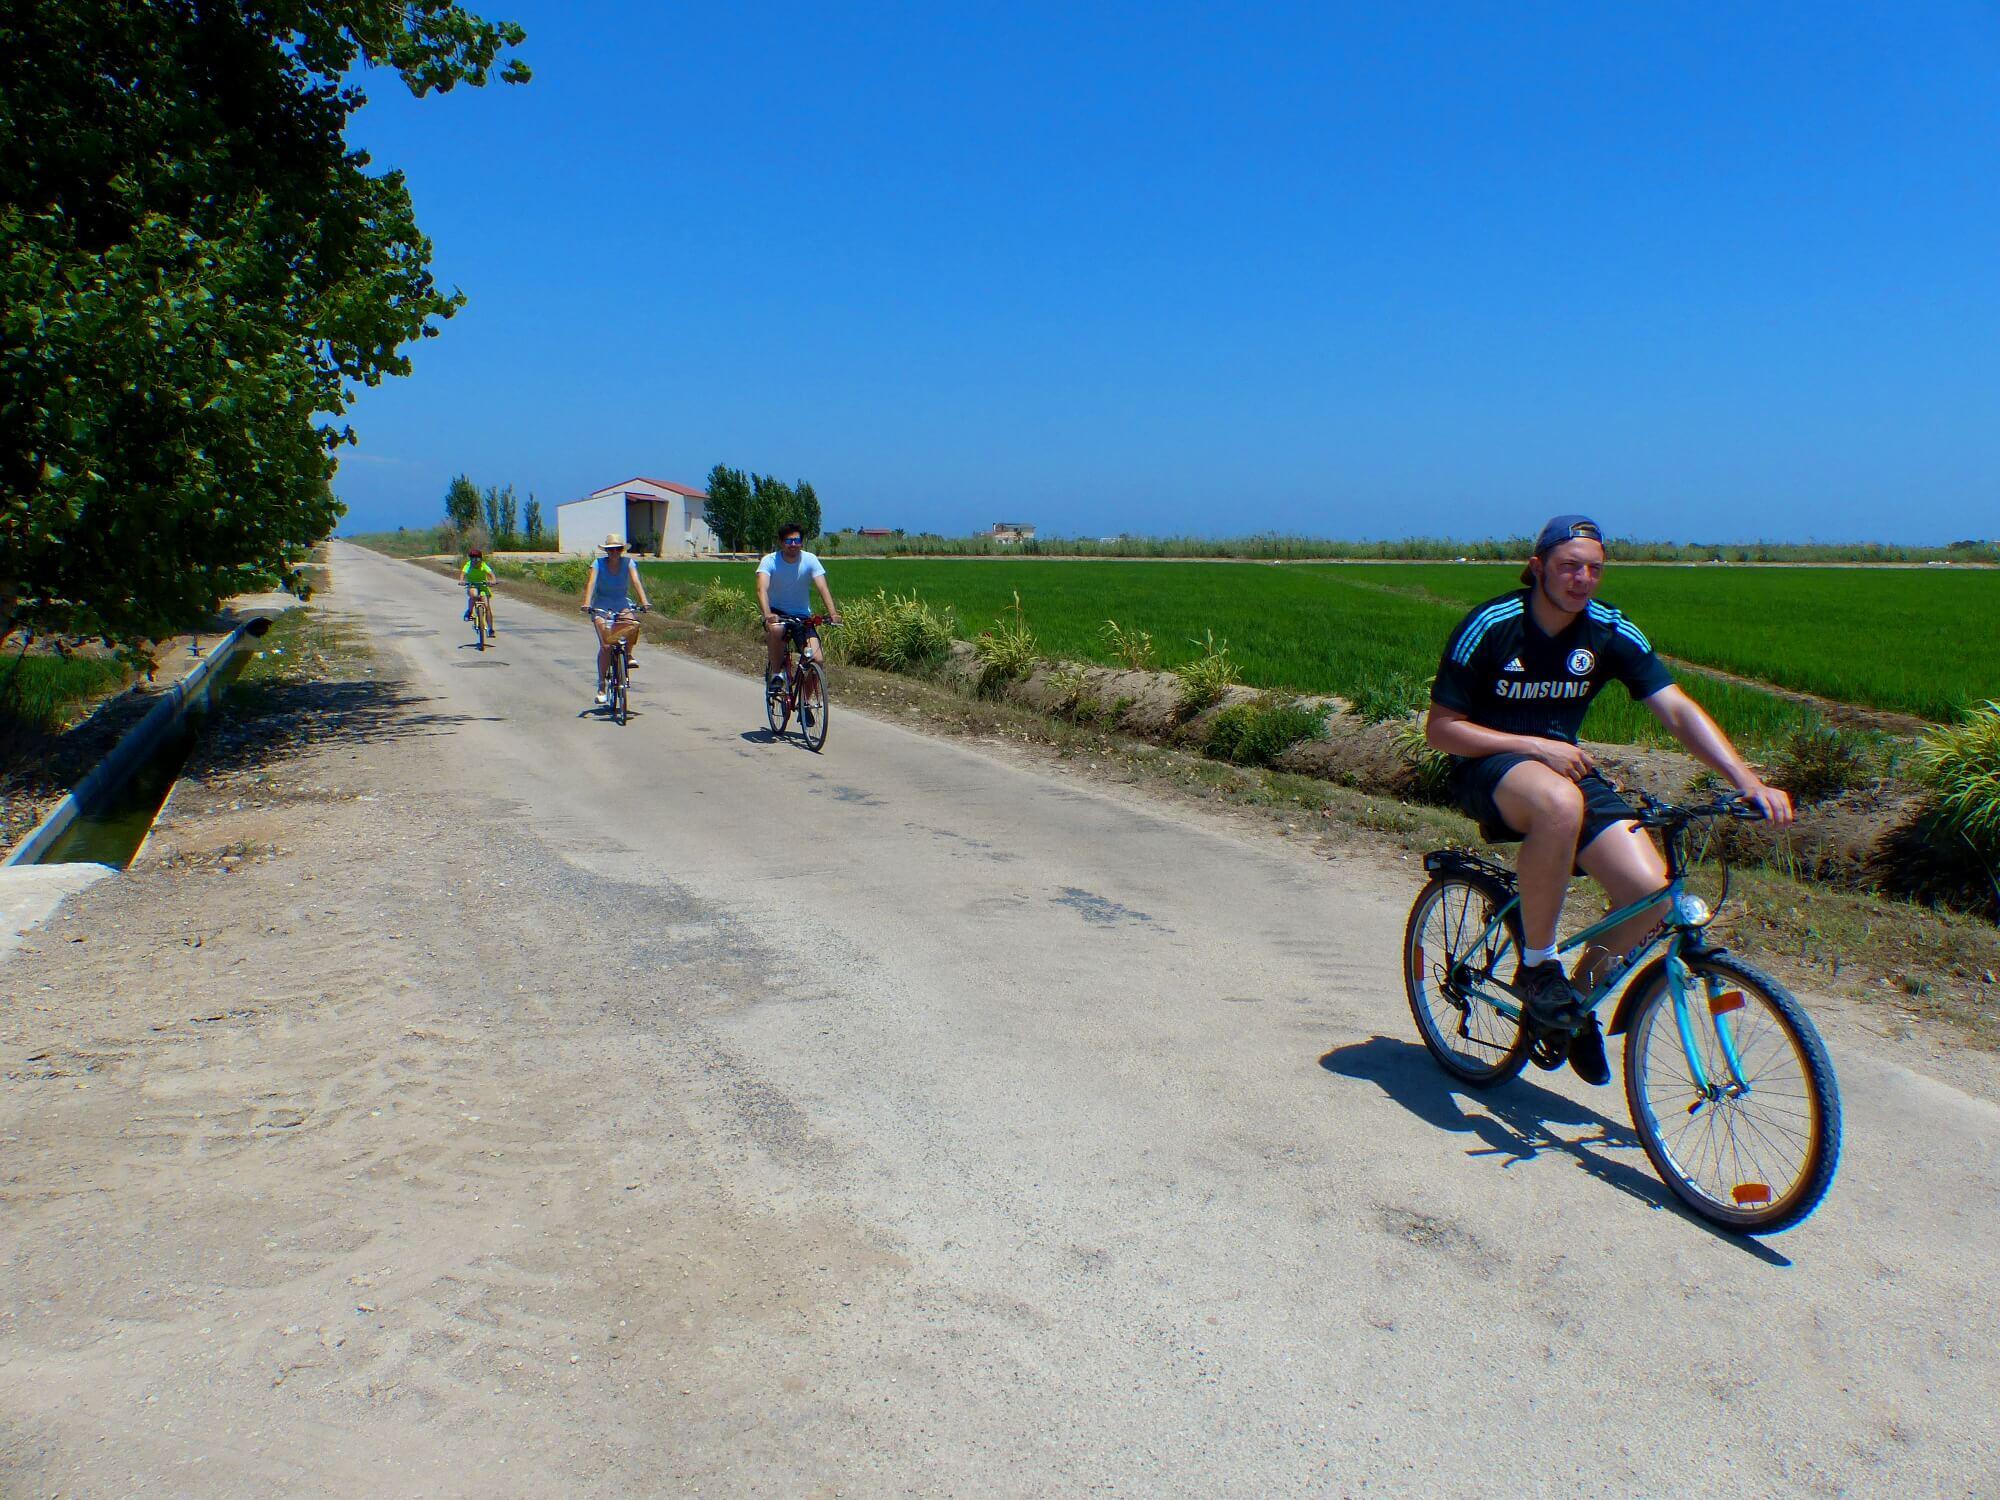 Junge Leute untewegs auf Fahrrädern, durch die grünen Reisfelder des Deltas